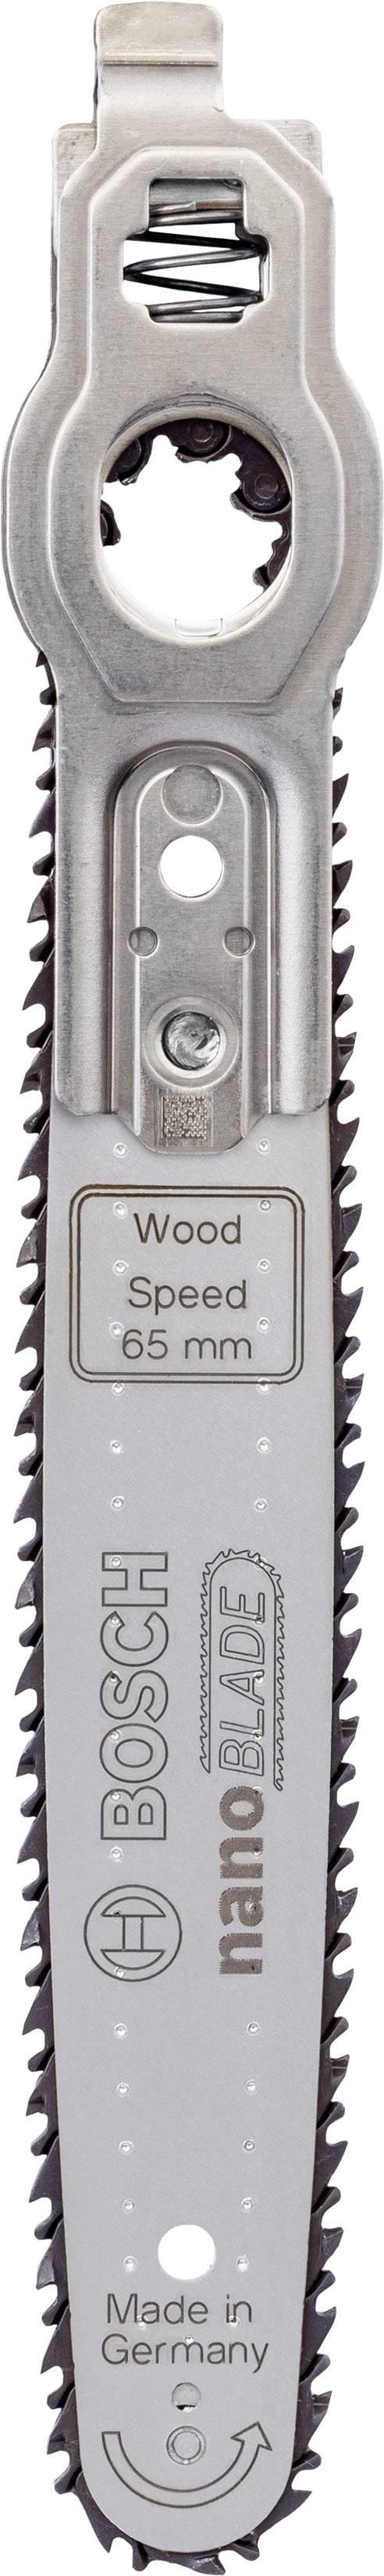 Mikro pilová lišta s řetězem Bosch Accessories 2609256D86, vhodný pro modely EasyCut 50, EasyCut 12, AdvancedCut 50